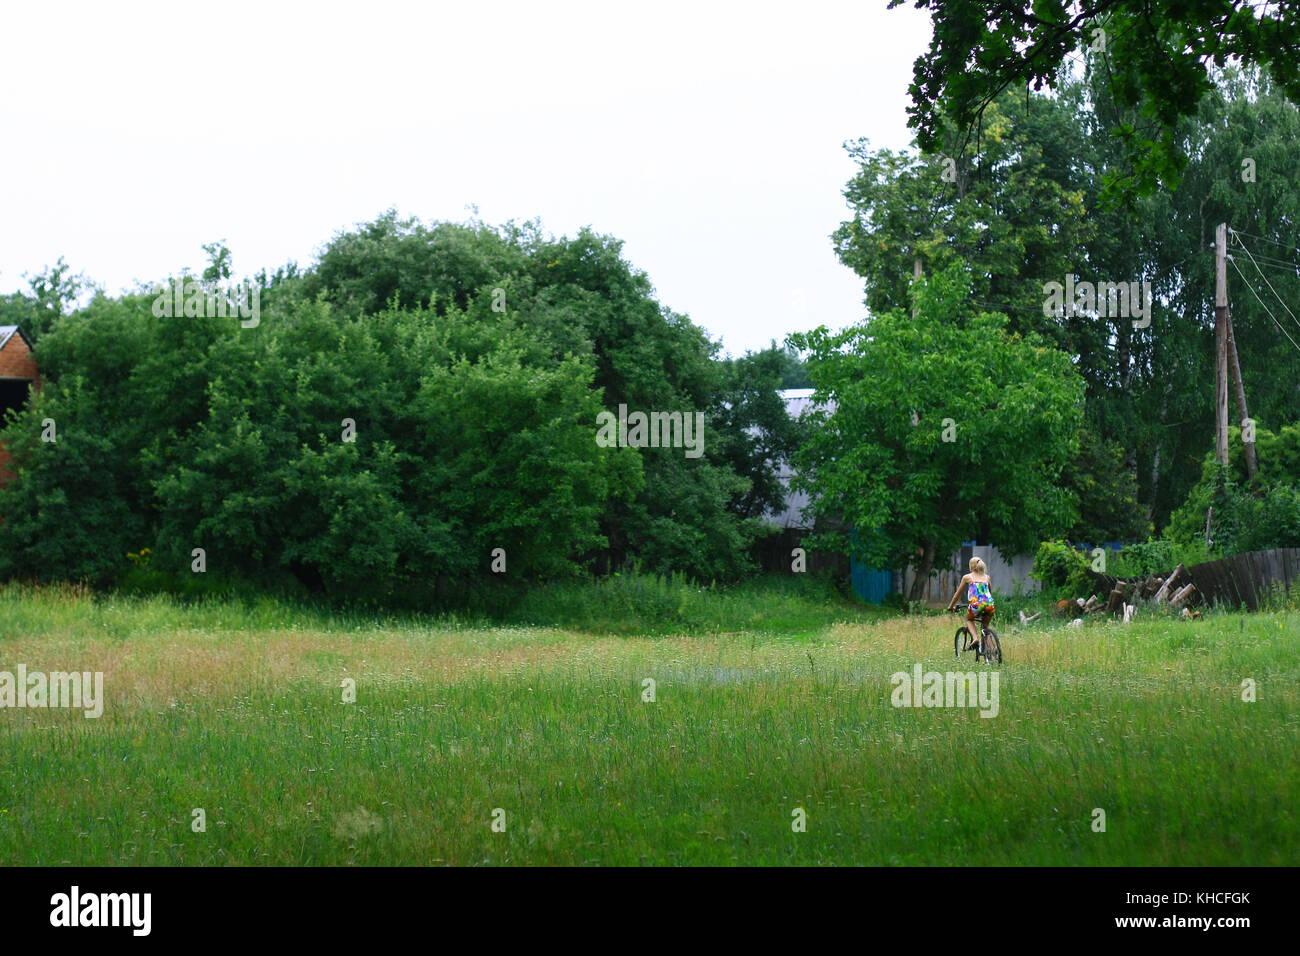 Photo horizontale de belle blonde jeune fille équitation son vélo dans un village Banque D'Images